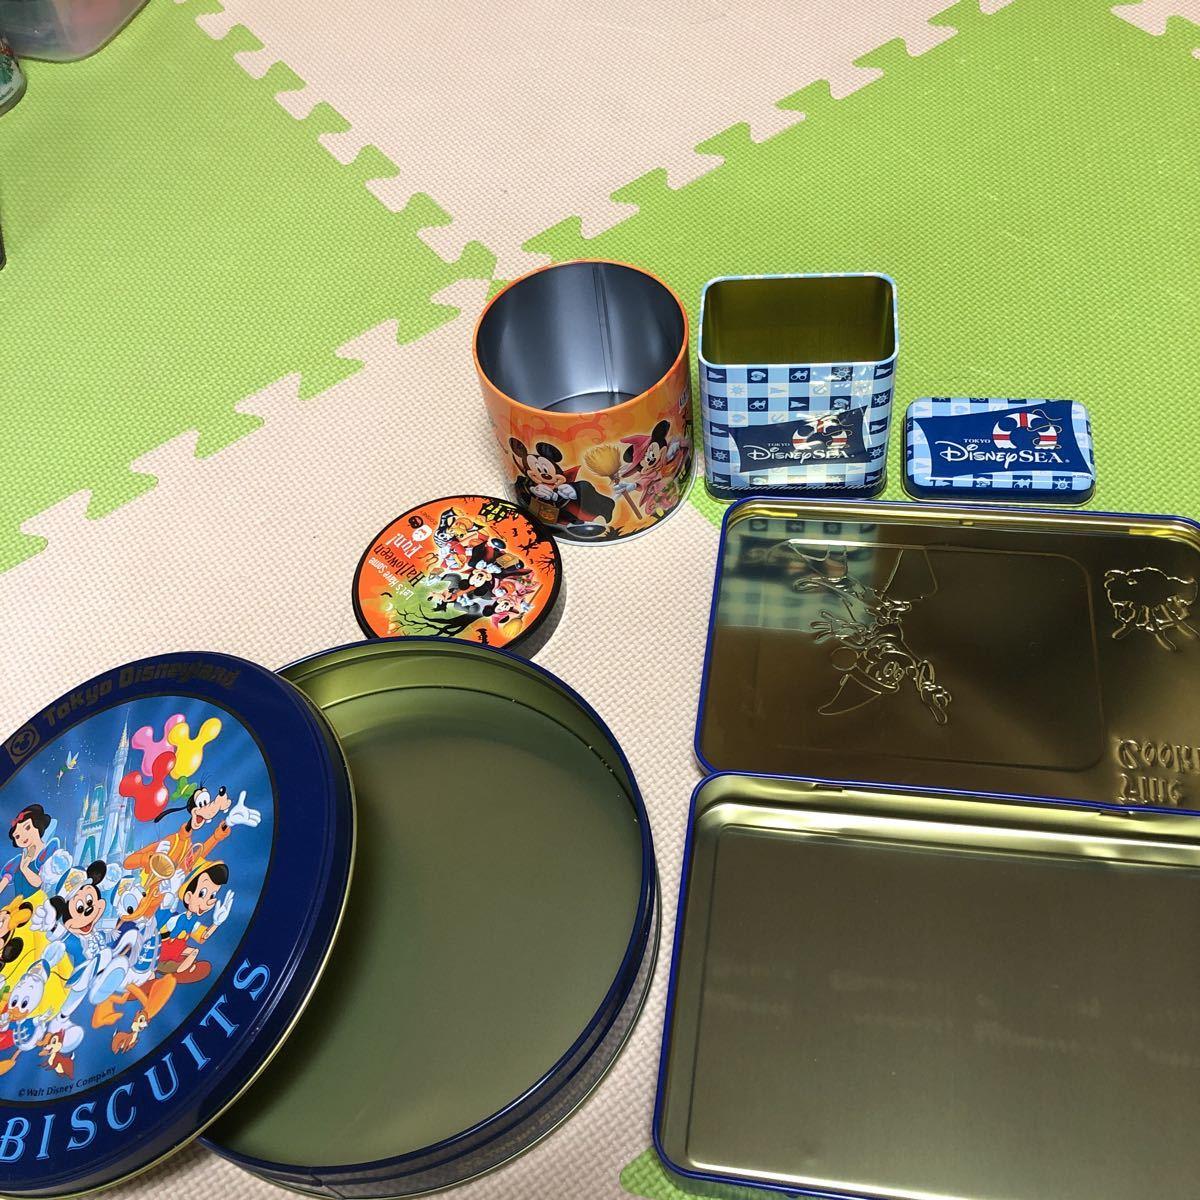 ディズニー★ディズニーリゾート お菓子缶3点&他お菓子缶1点_画像10